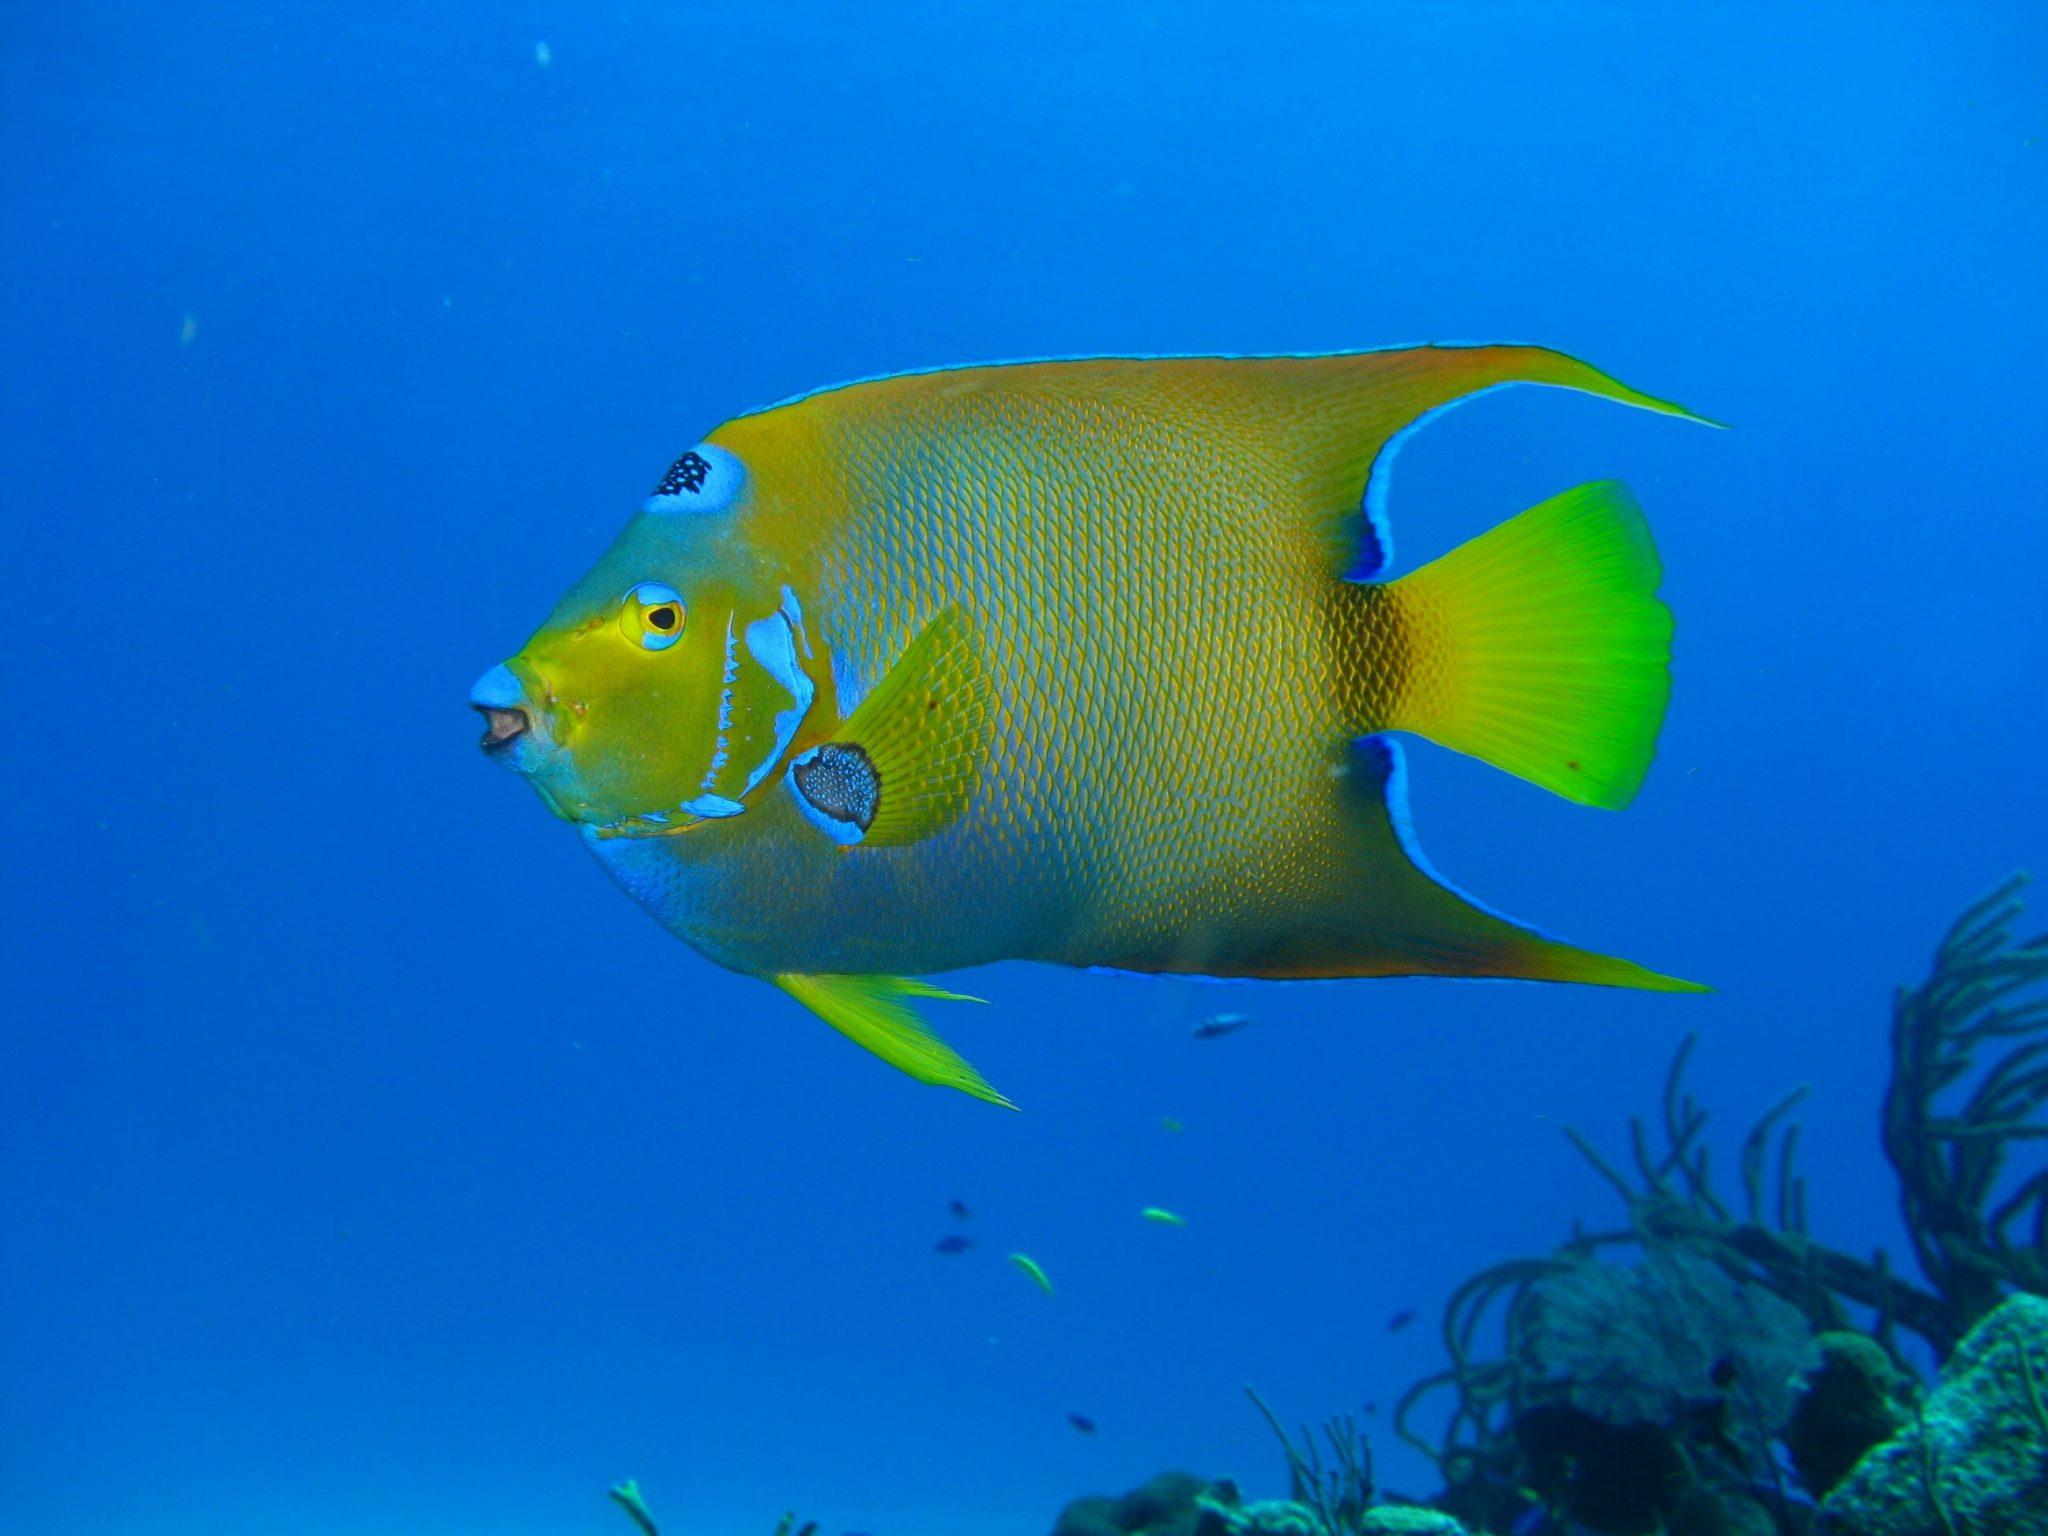 Queen Angelfish, Angelfish, Blue Angelfish, Golden Angelfish, Queen Angel, Yellow Angelfish